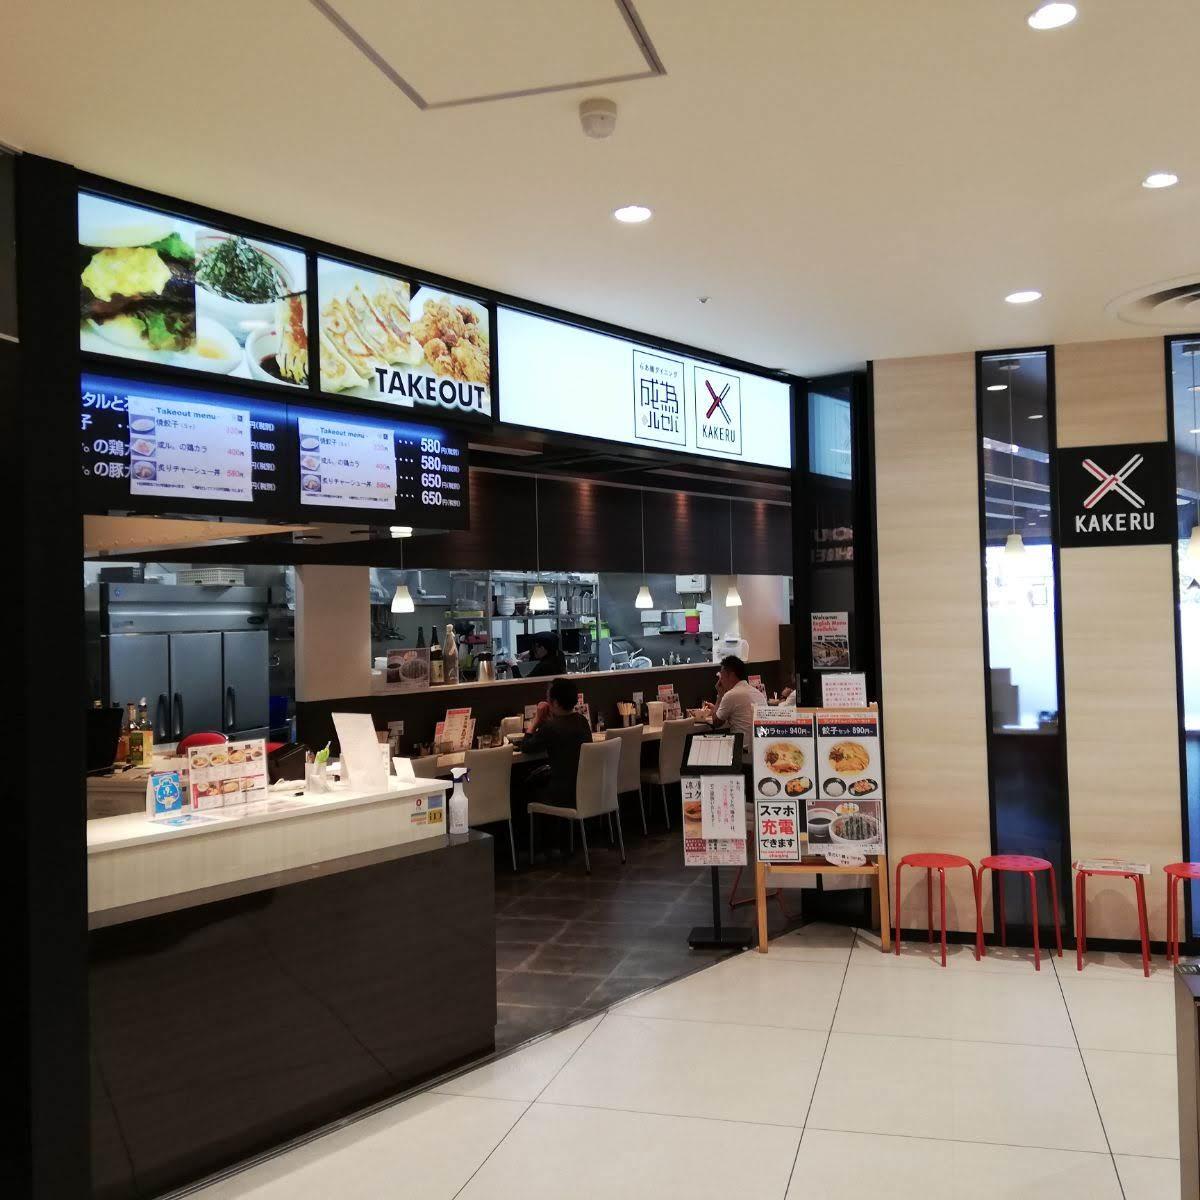 らあ麺ダイニング 為セバ成ル。KAKERU 店舗正面